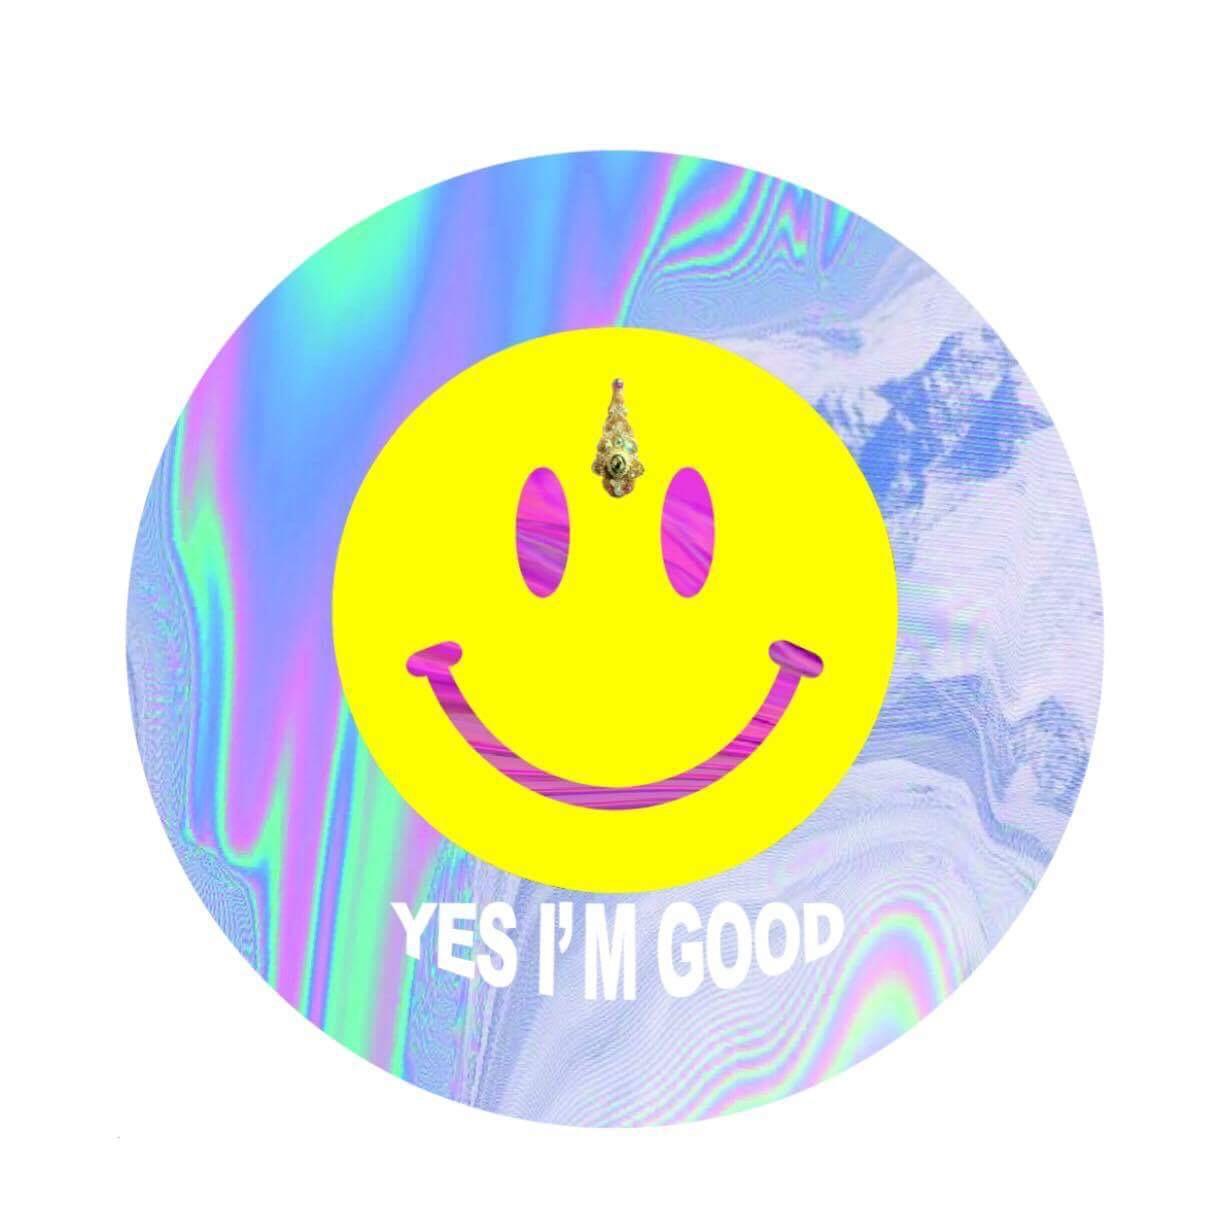 YES I'M GOOD